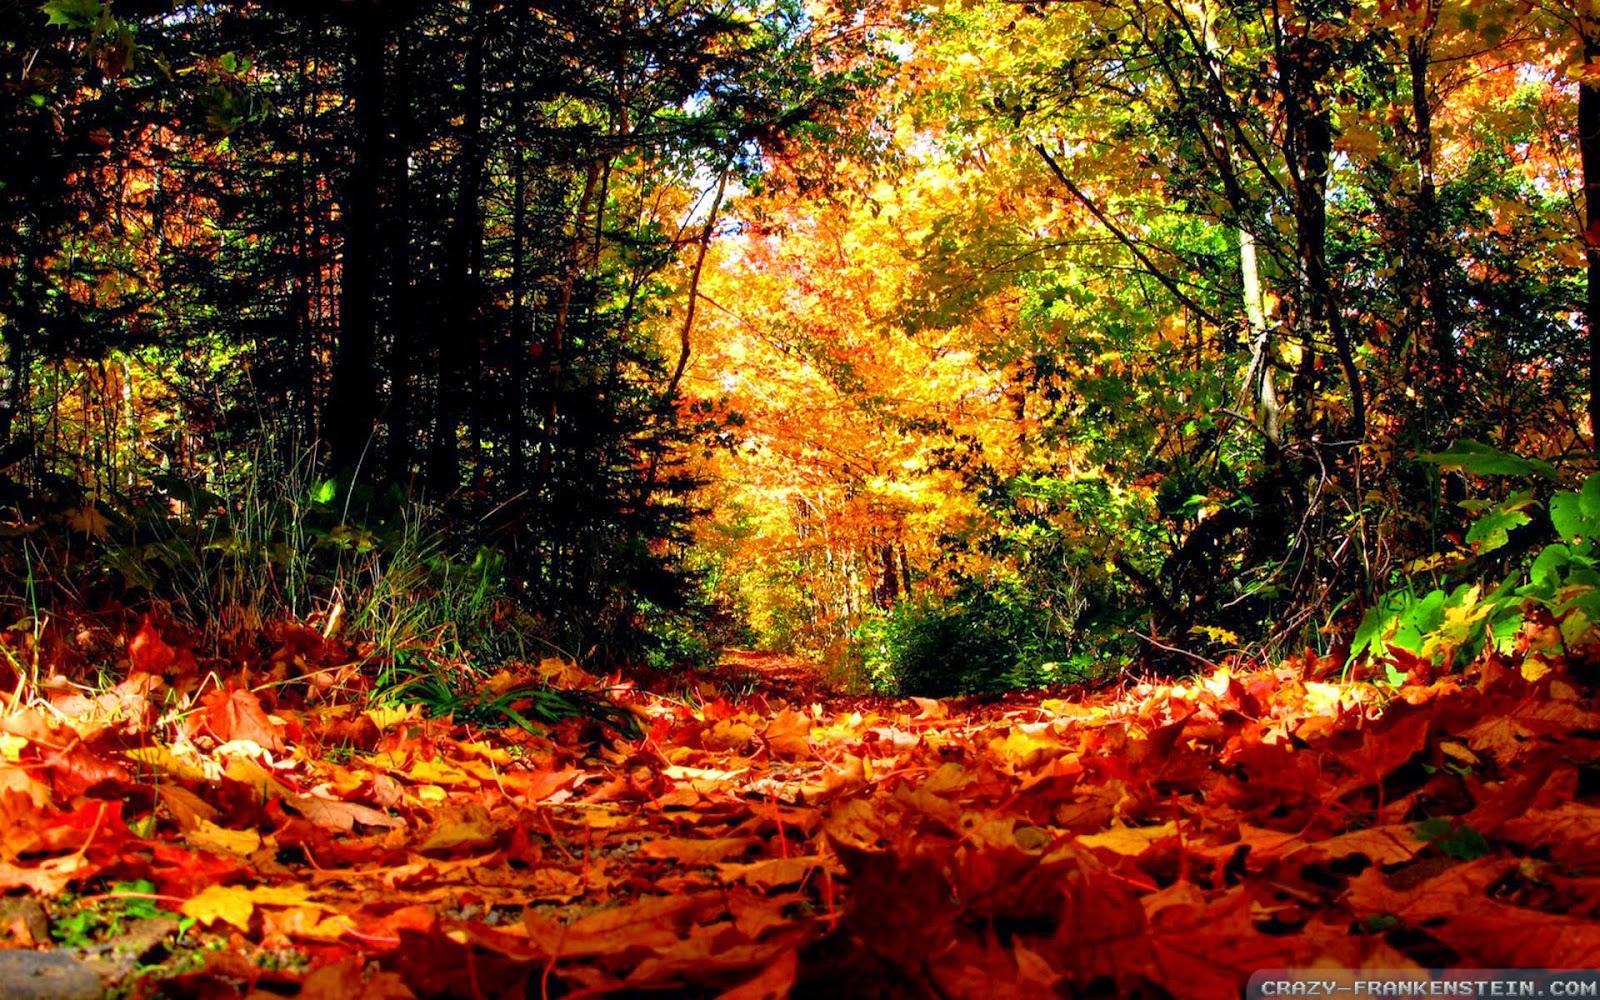 autumn season wallpapers hd - photo #40